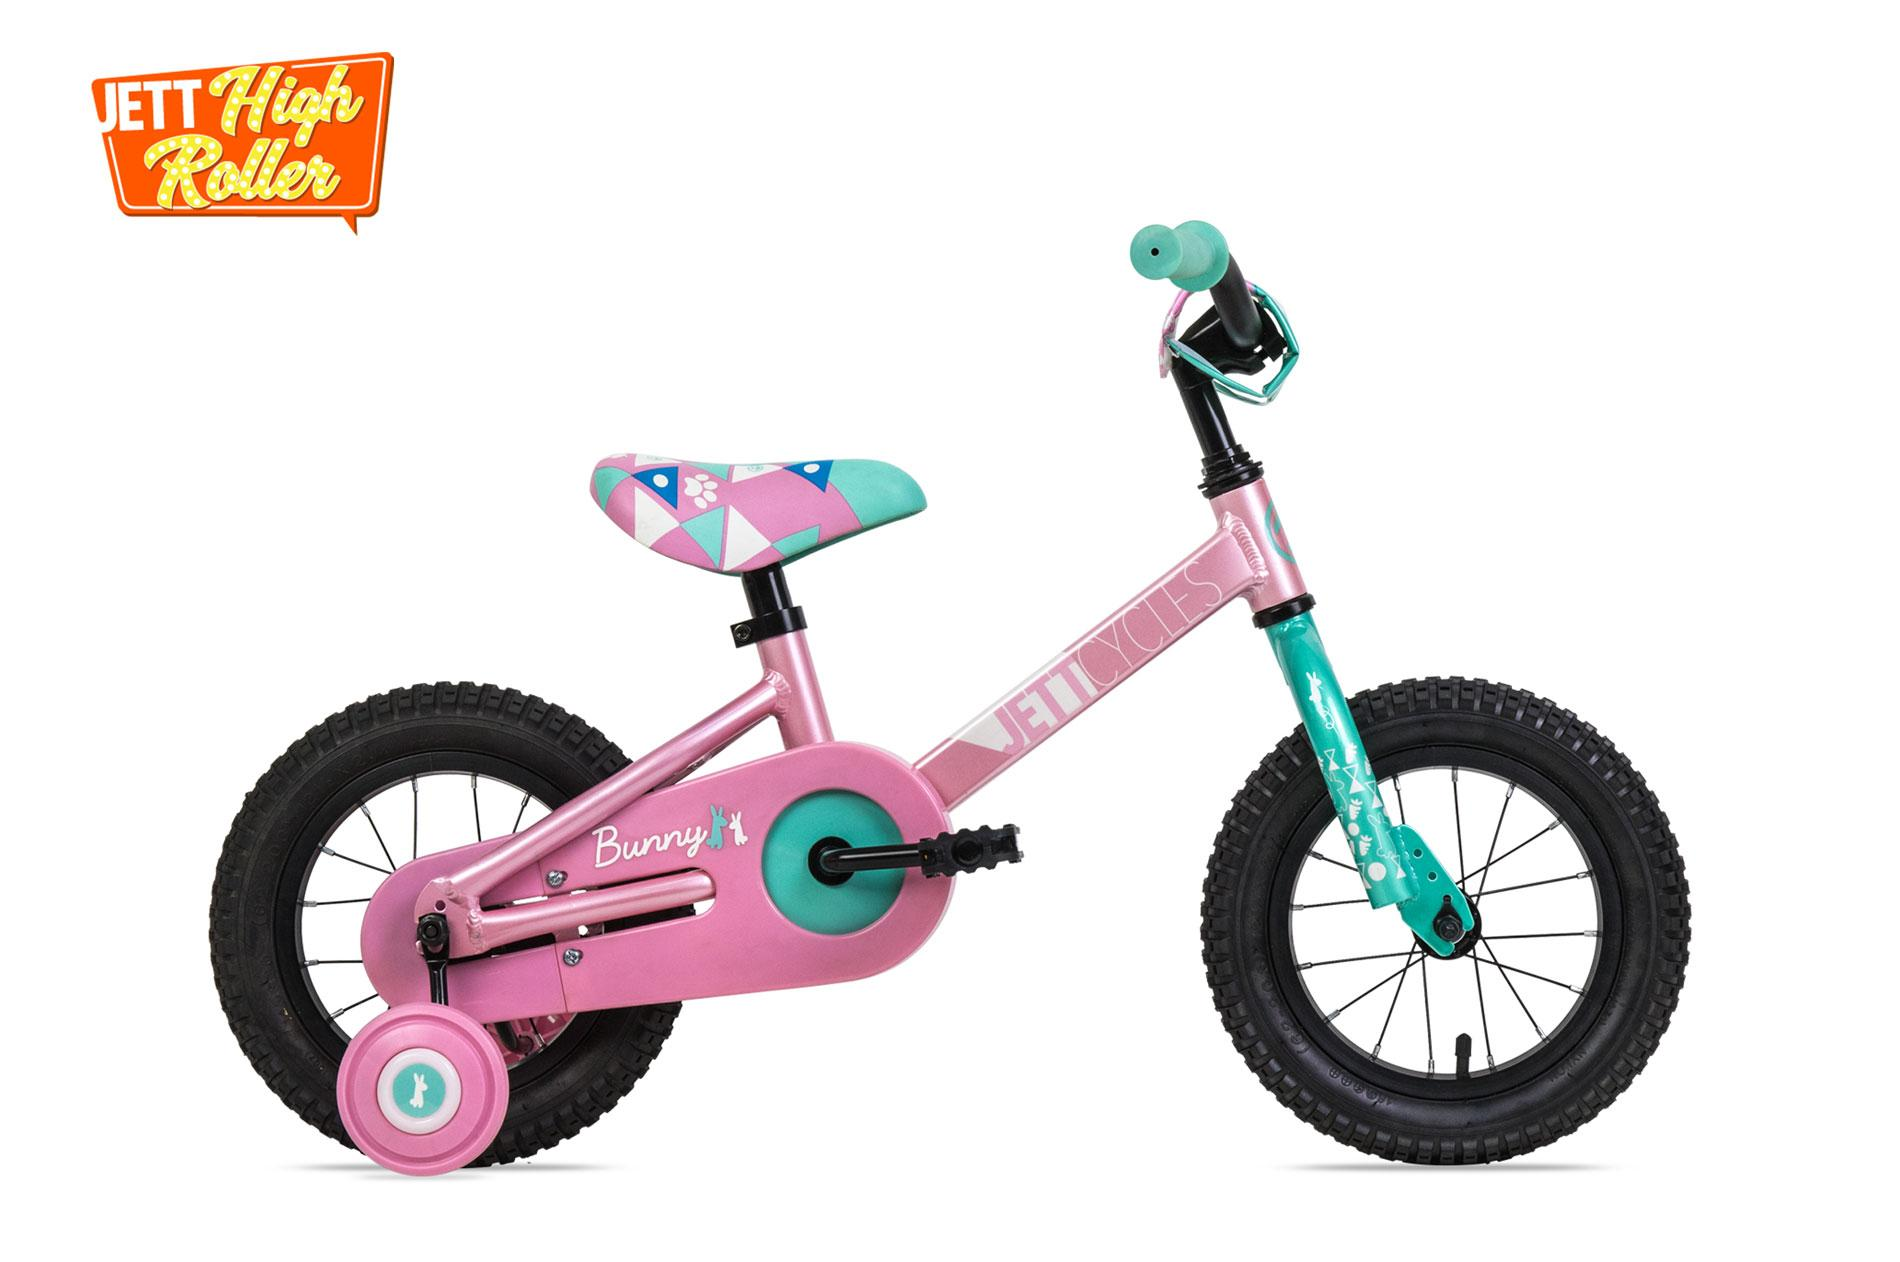 Giá bán Xe đạp trẻ em Jett Cycles Bunny (Hồng)